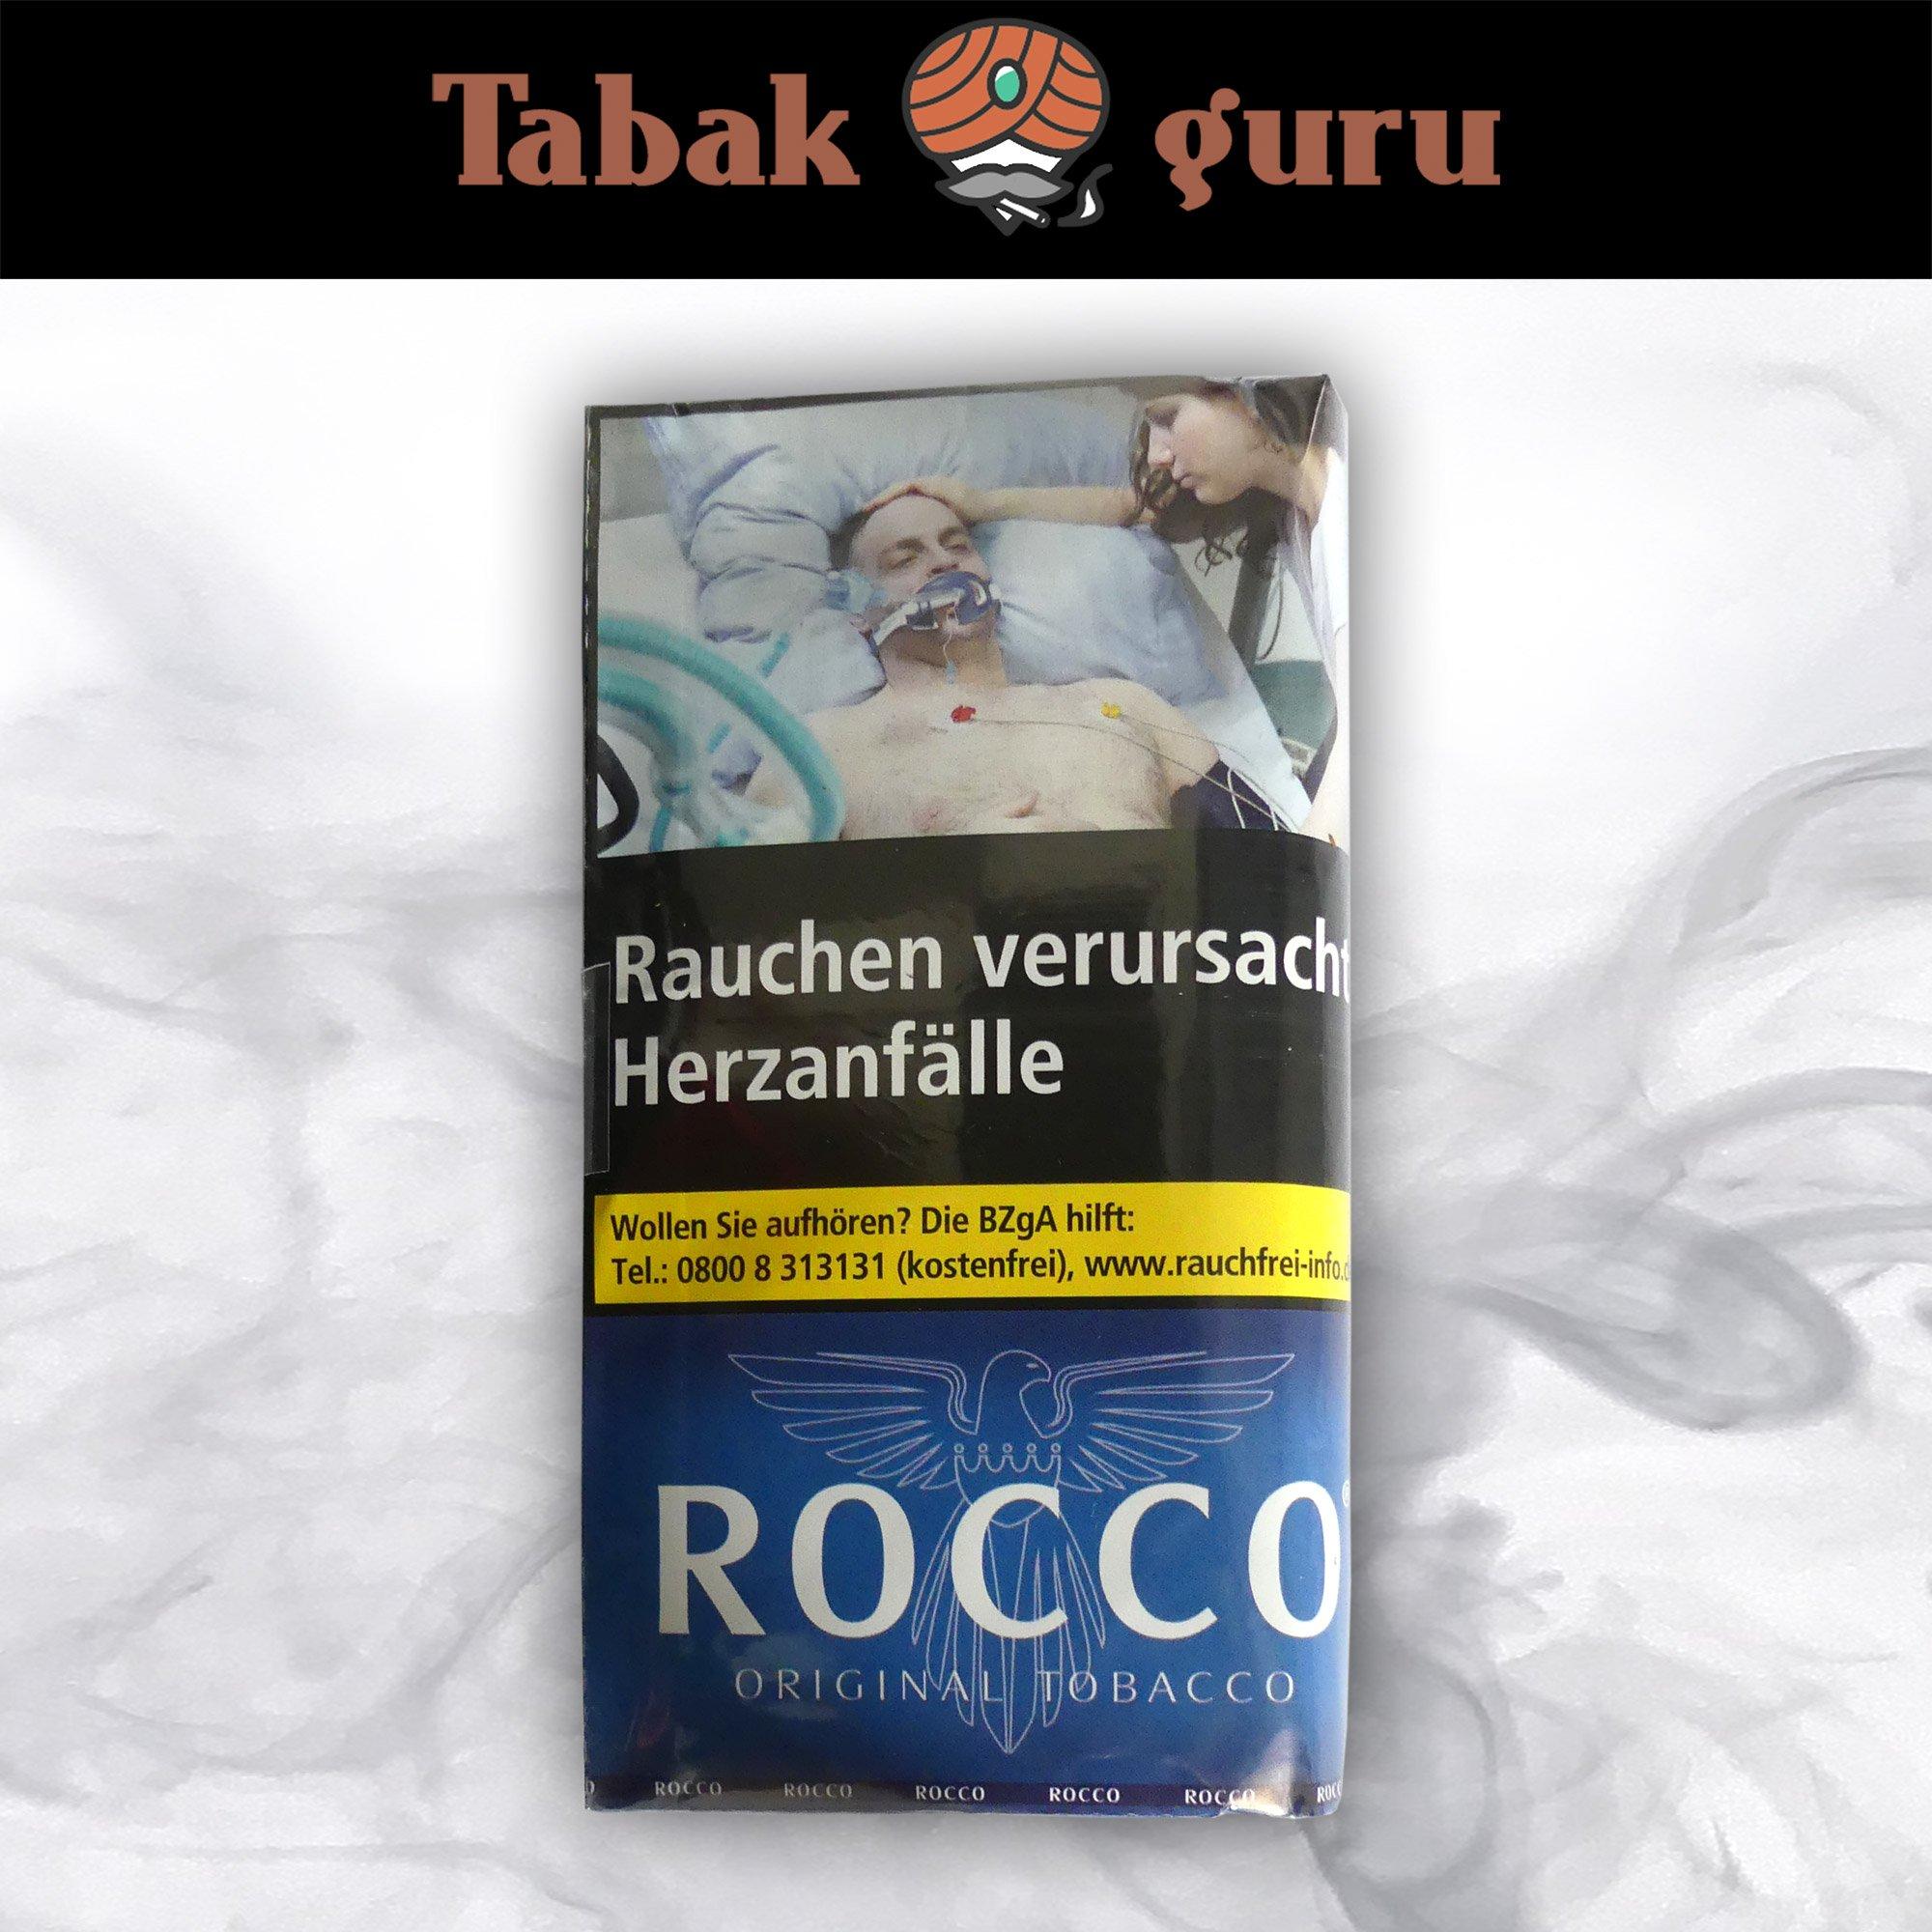 ROCCO Original Tobacco Drehtabak 38 g